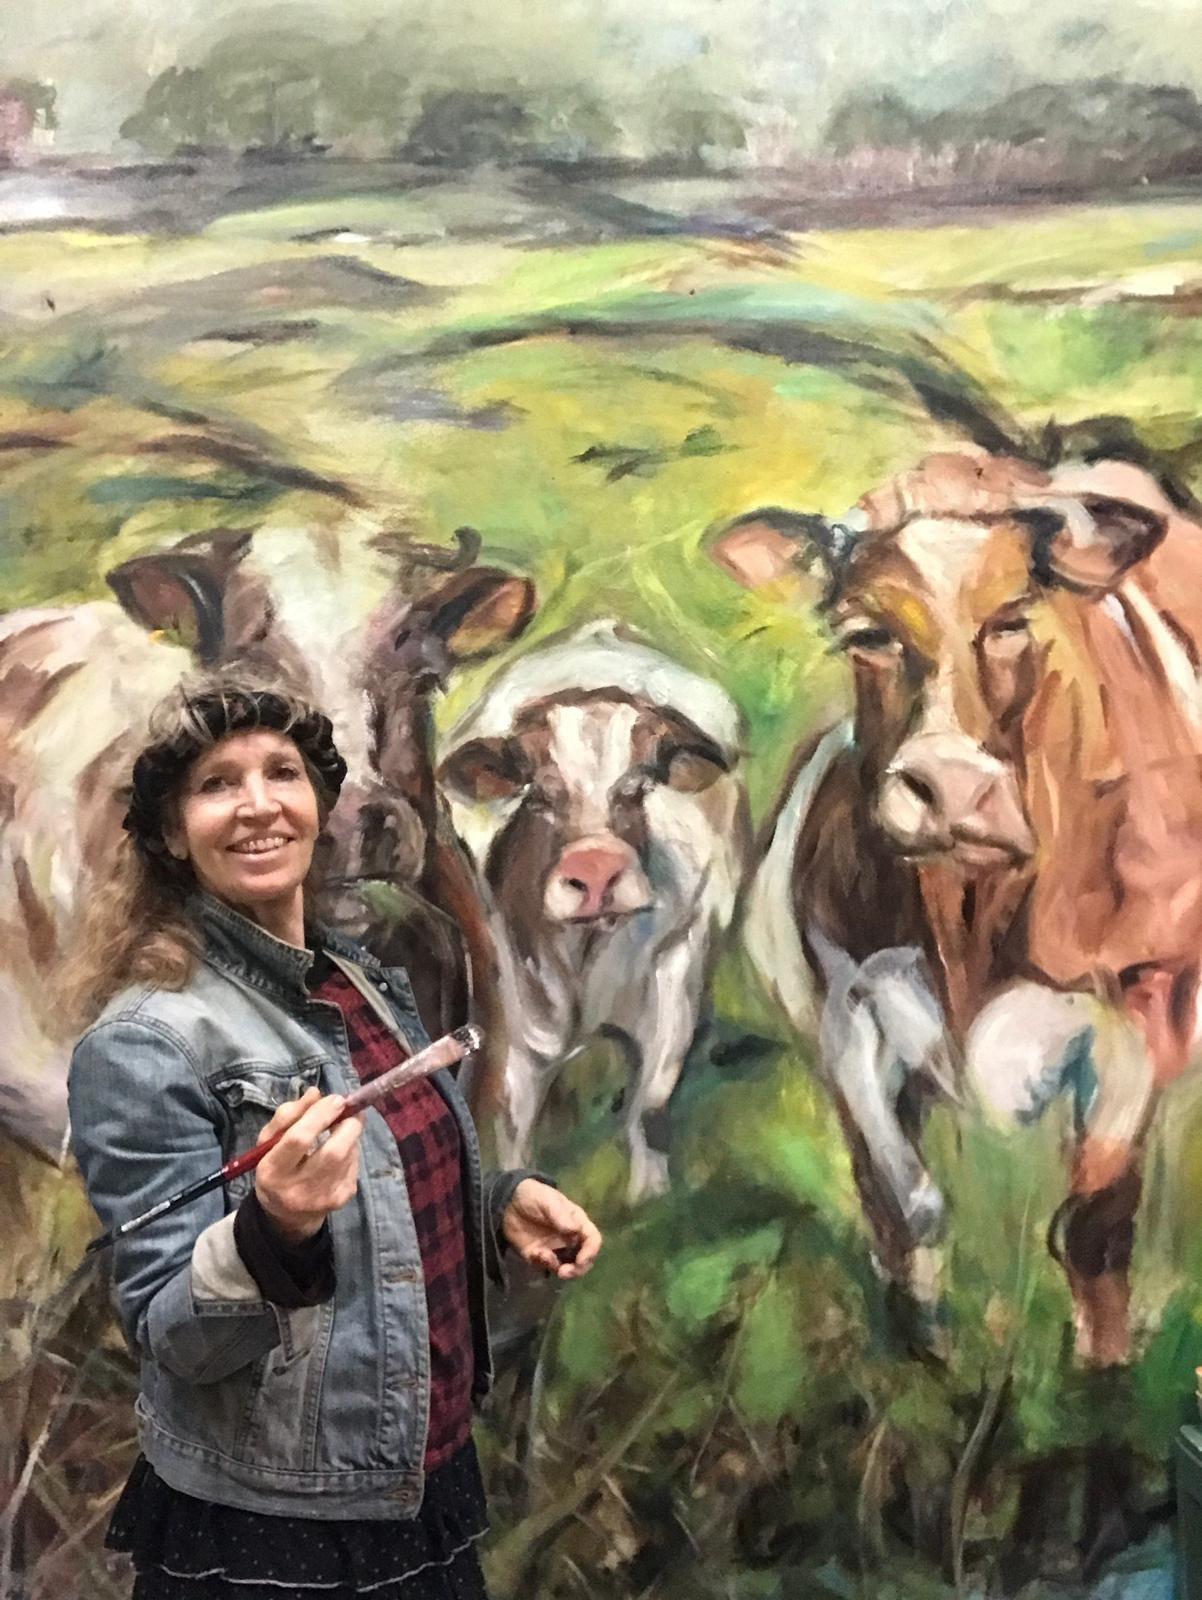 Online schilderlessen en online schildercursussen. Ella Looise, Atelier Haarlem, Muurschildering in olieverf met koeien, zelfportret Ella Looise.